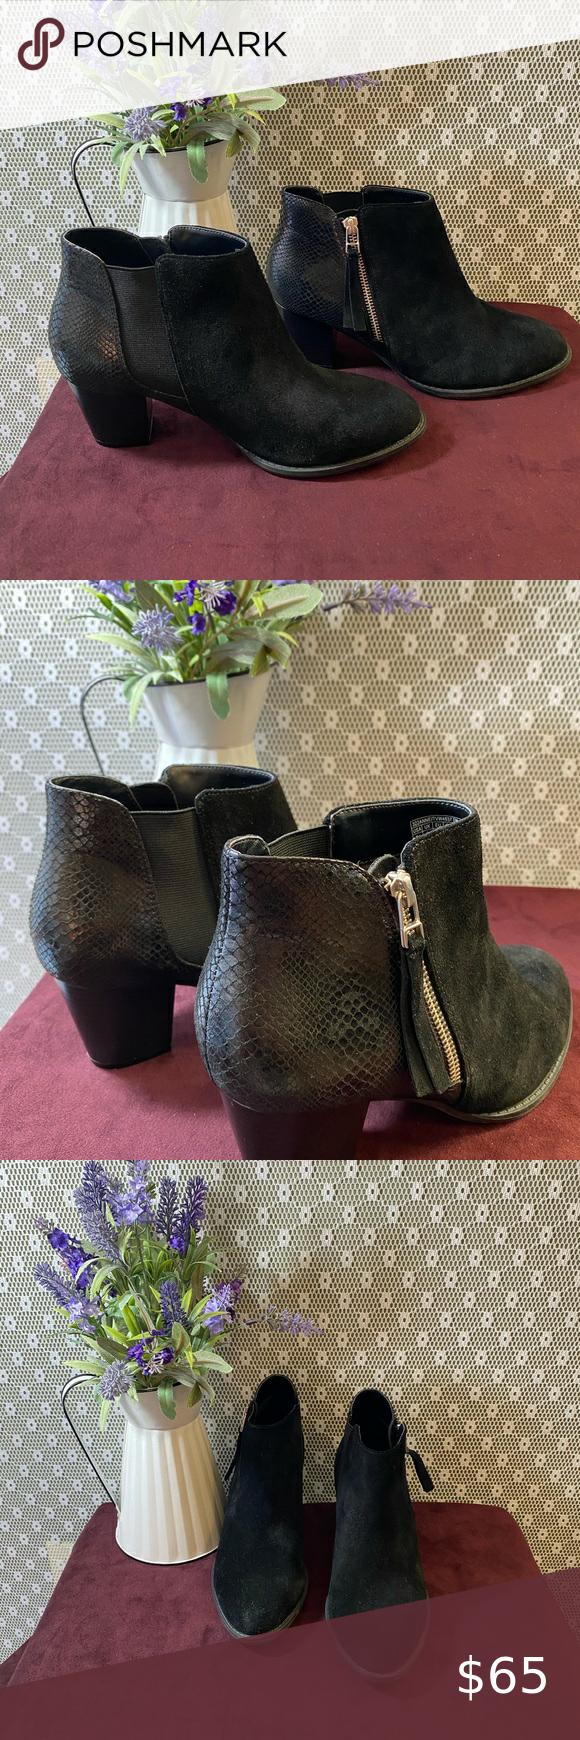 Vionic Suede Snake Skin Shoes Snake Skin Shoes Shoes Women Heels Vionic Shoes [ 1740 x 580 Pixel ]